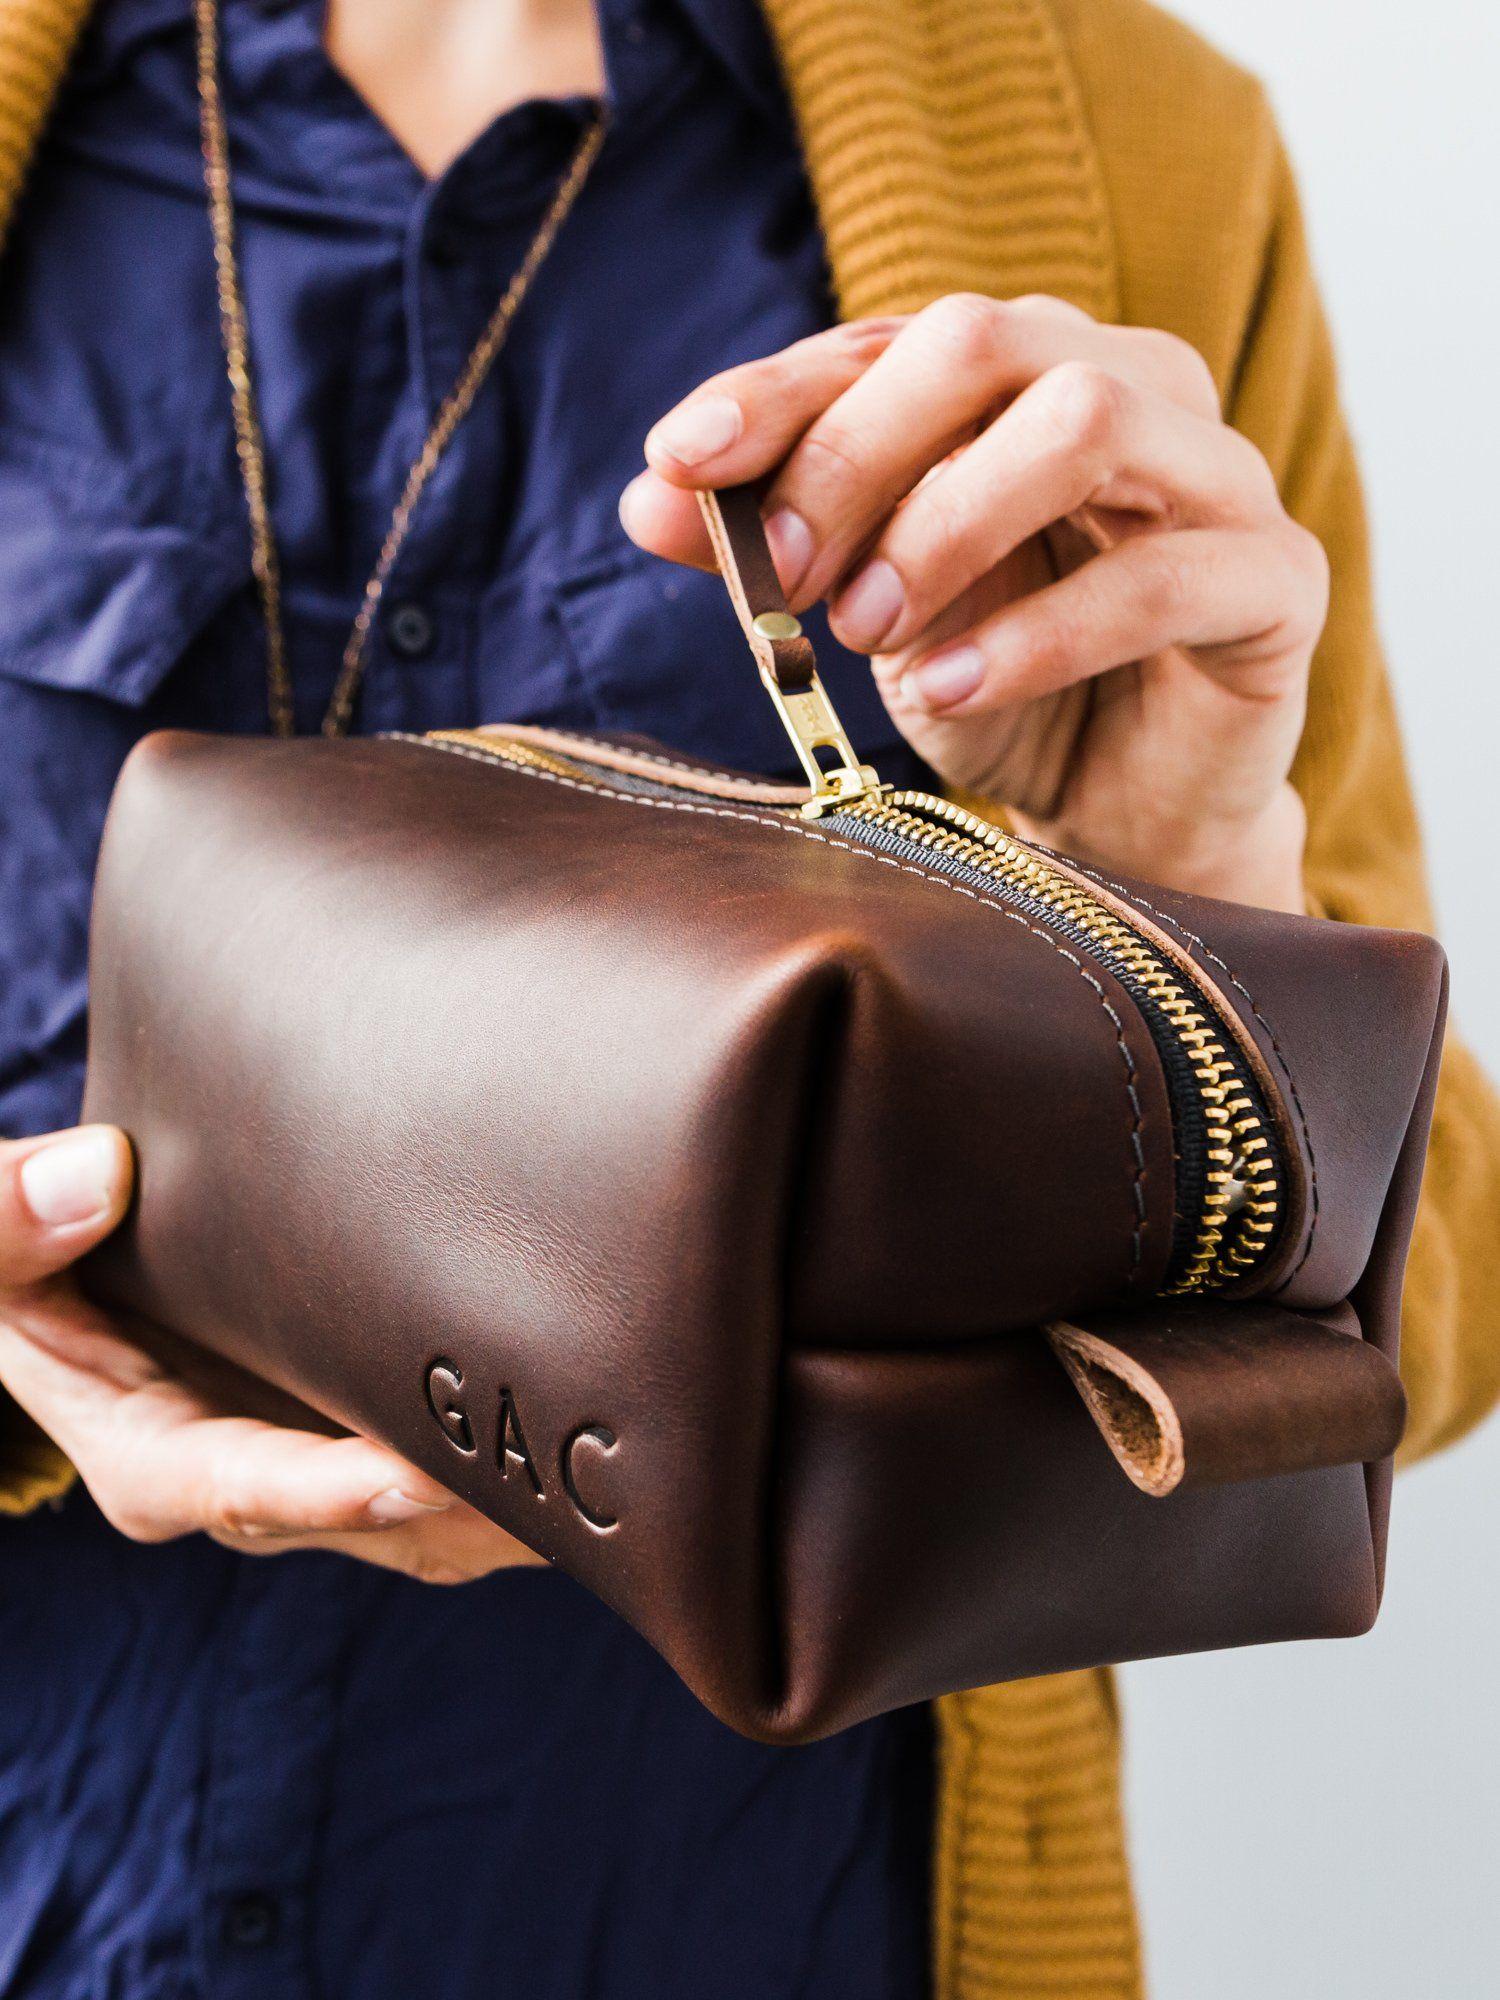 cac2e151175a Grizzly Leather Dopp Kit Bag | Dopp & Travel Kit | Dopp kit, Bags ...